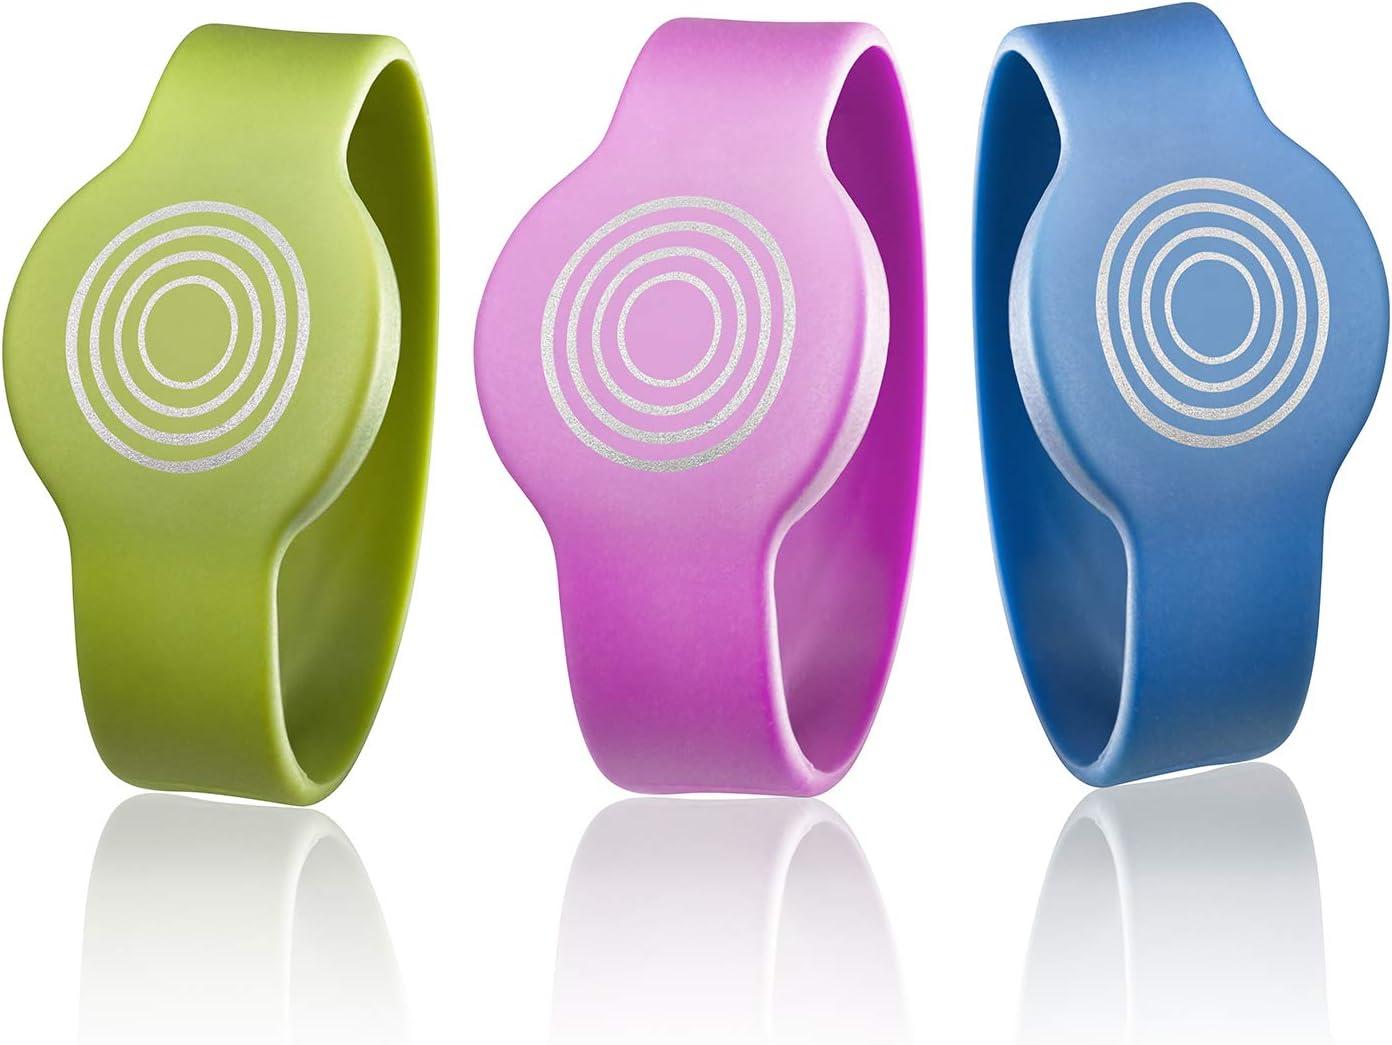 Somfy 2401403 Kinderarmband 3 St Für Chipleser Smartes Türschloss Rosa Blau Grün Baumarkt